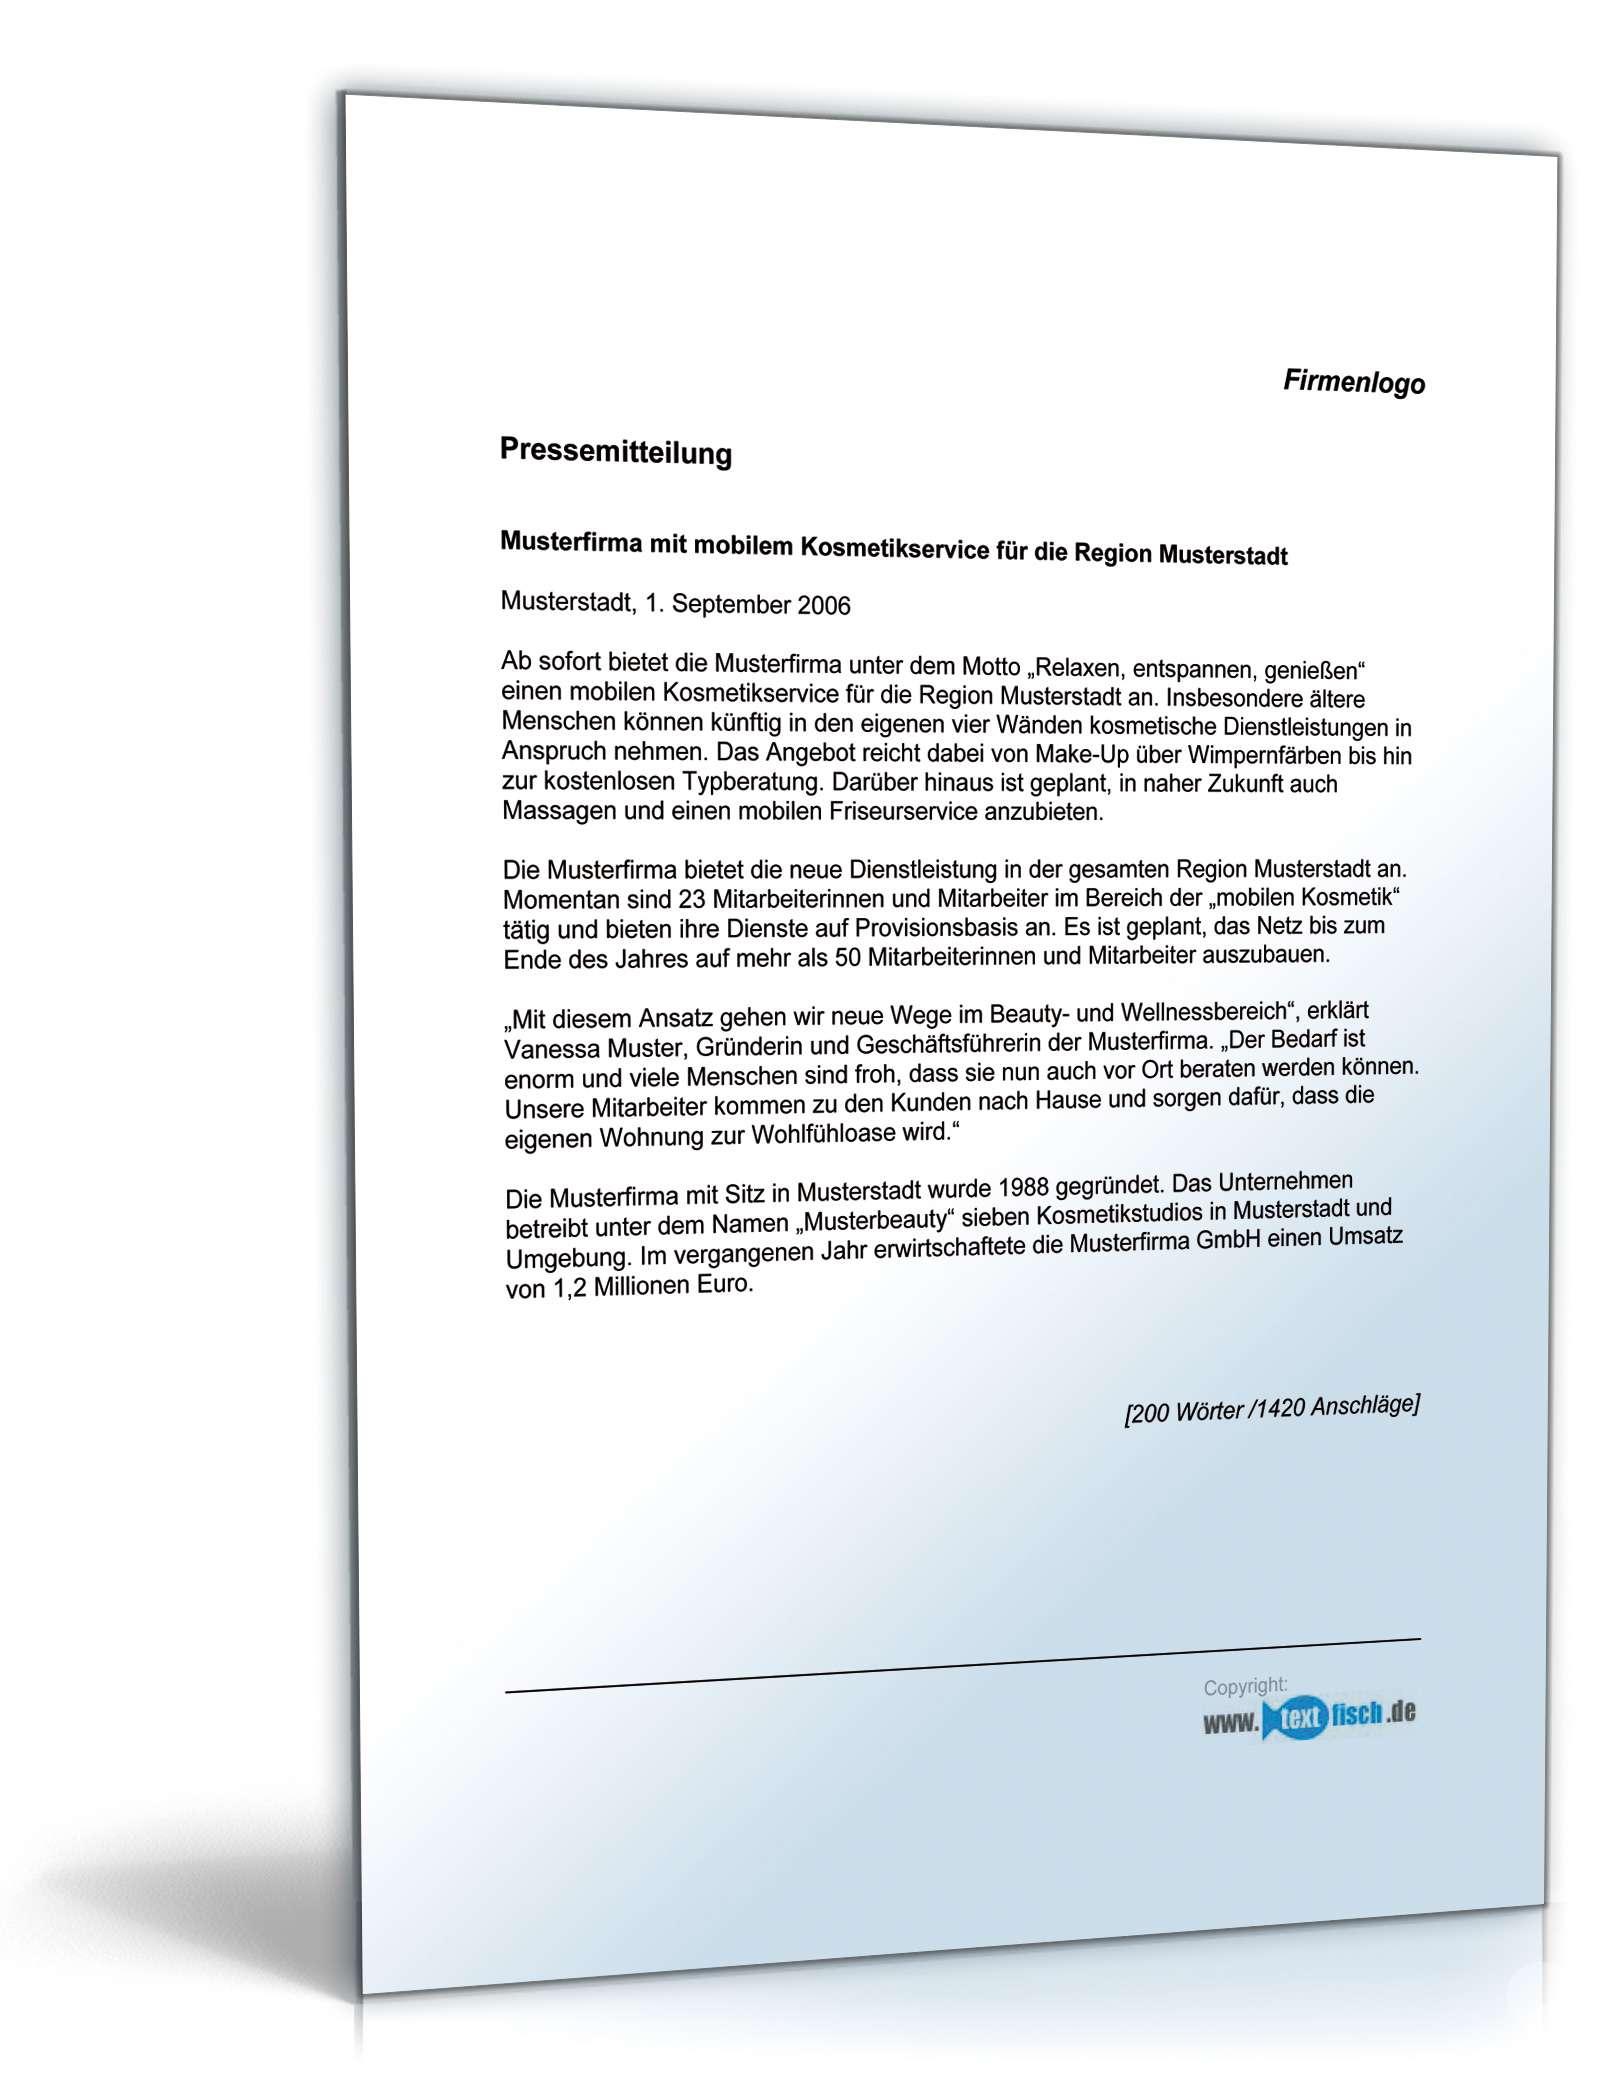 Pressemitteilung Vorstellung Dienstleistung Muster Zum Download